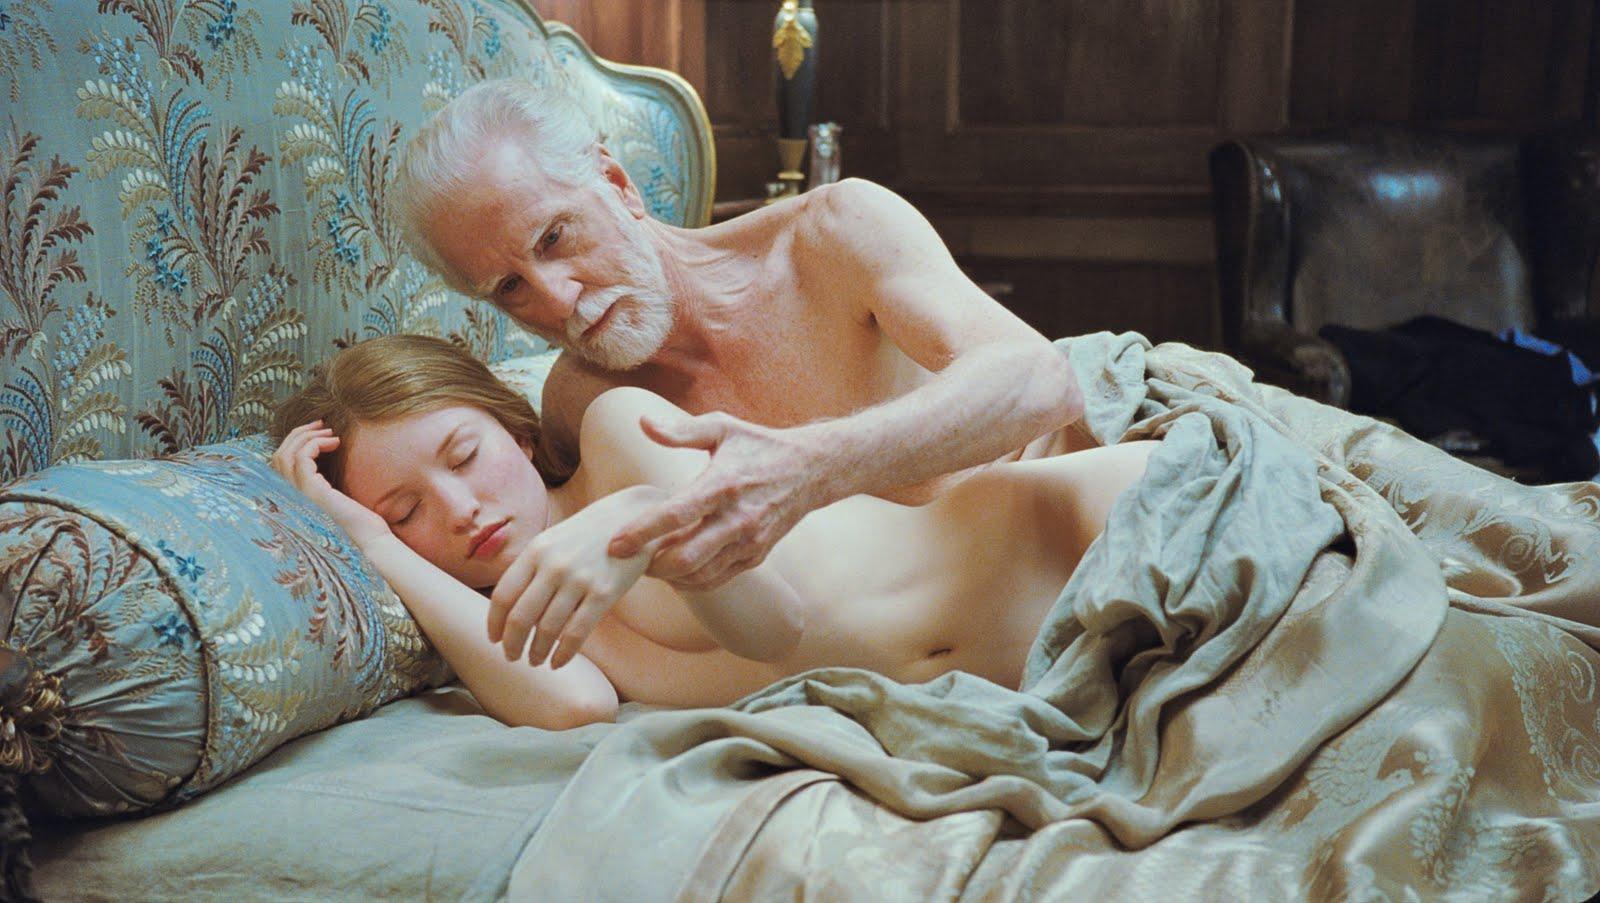 Частное фотографии голая девочка 2 фотография